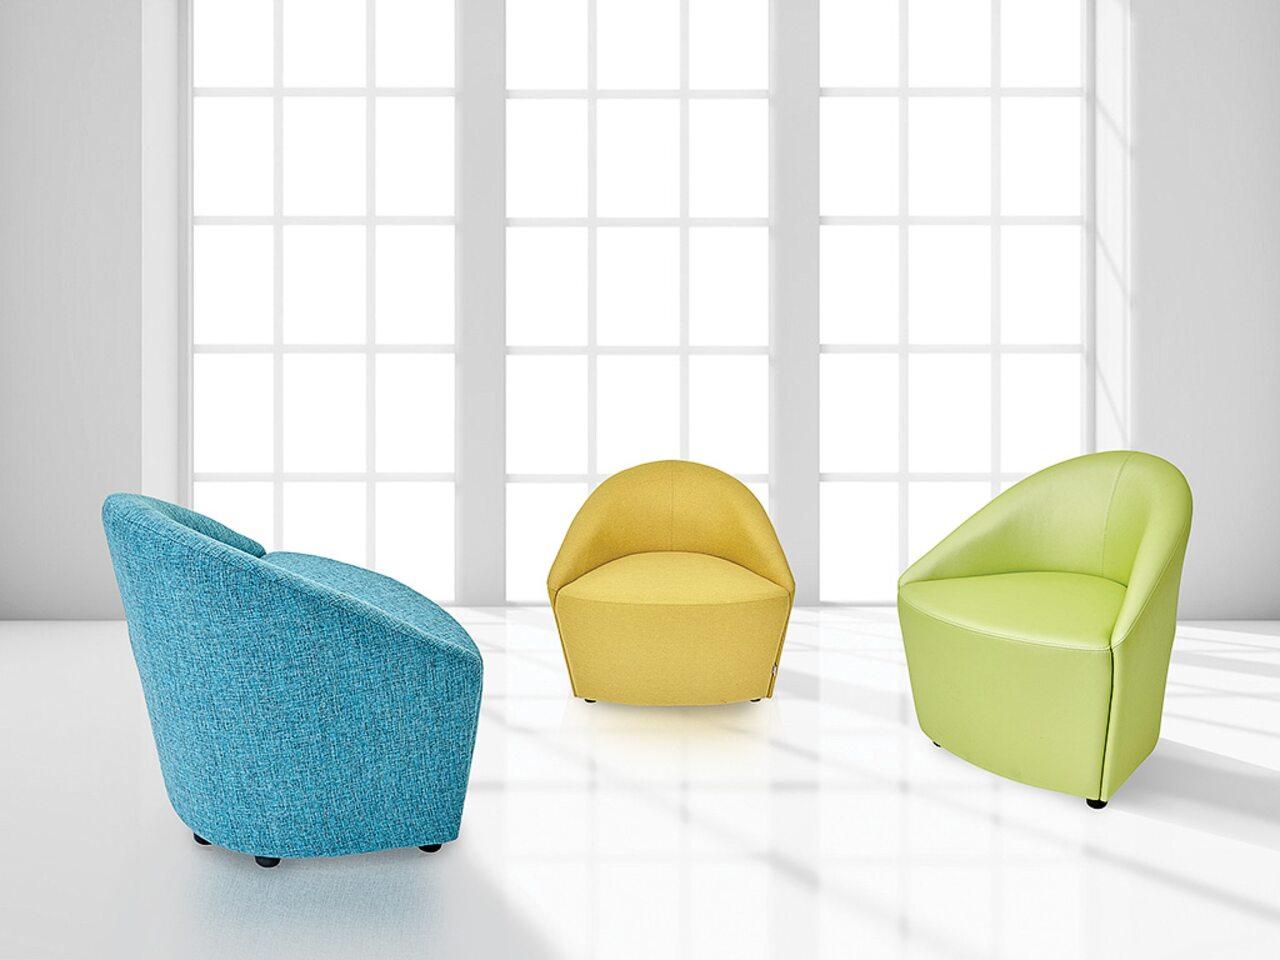 Мягкая офисная мебель 3D - фото 1